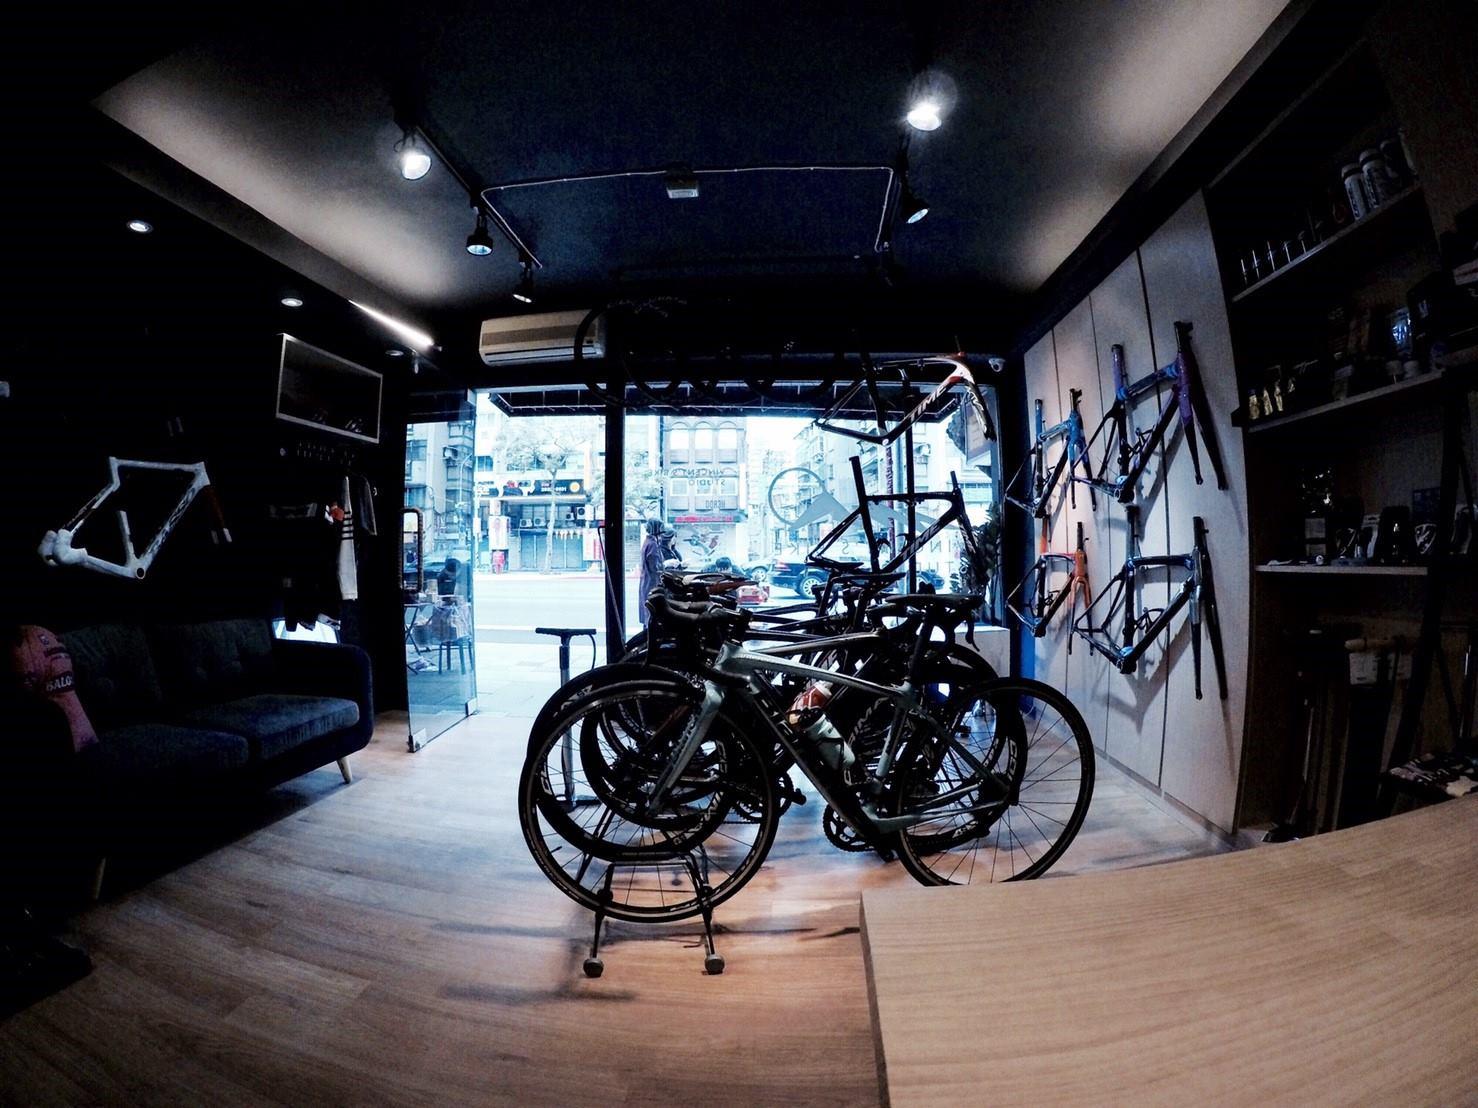 文森單車 Taipei Vincent Bike Studio x Heroo 室內提供小沙發給來訪車友休憩